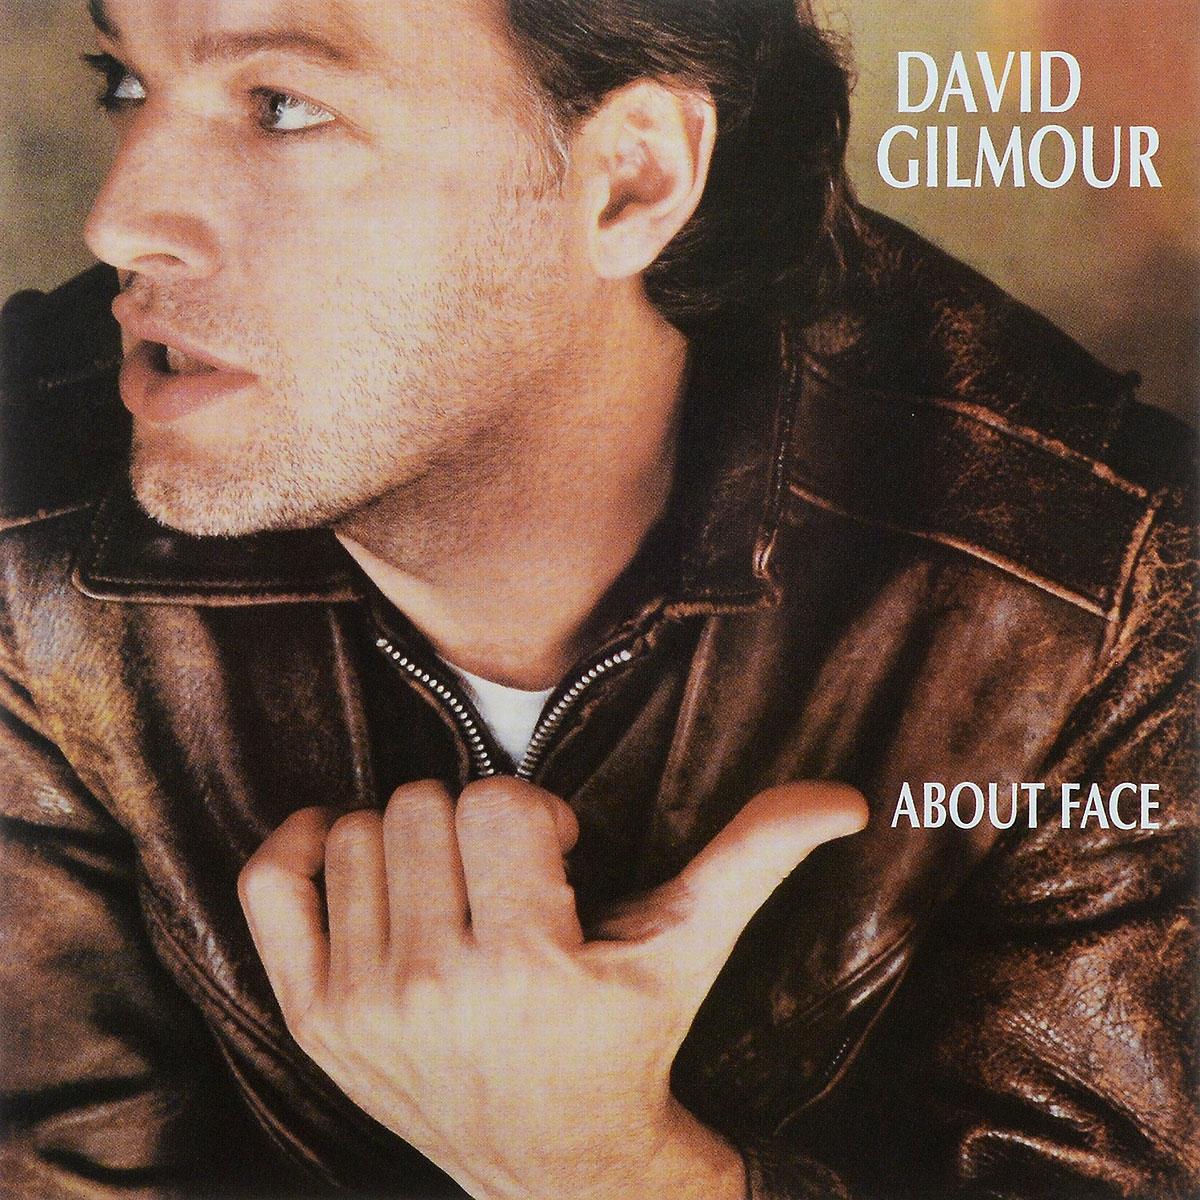 Издание содержит буклет с текстами песен, фотографиями и дополнительной информацией на английском языке.